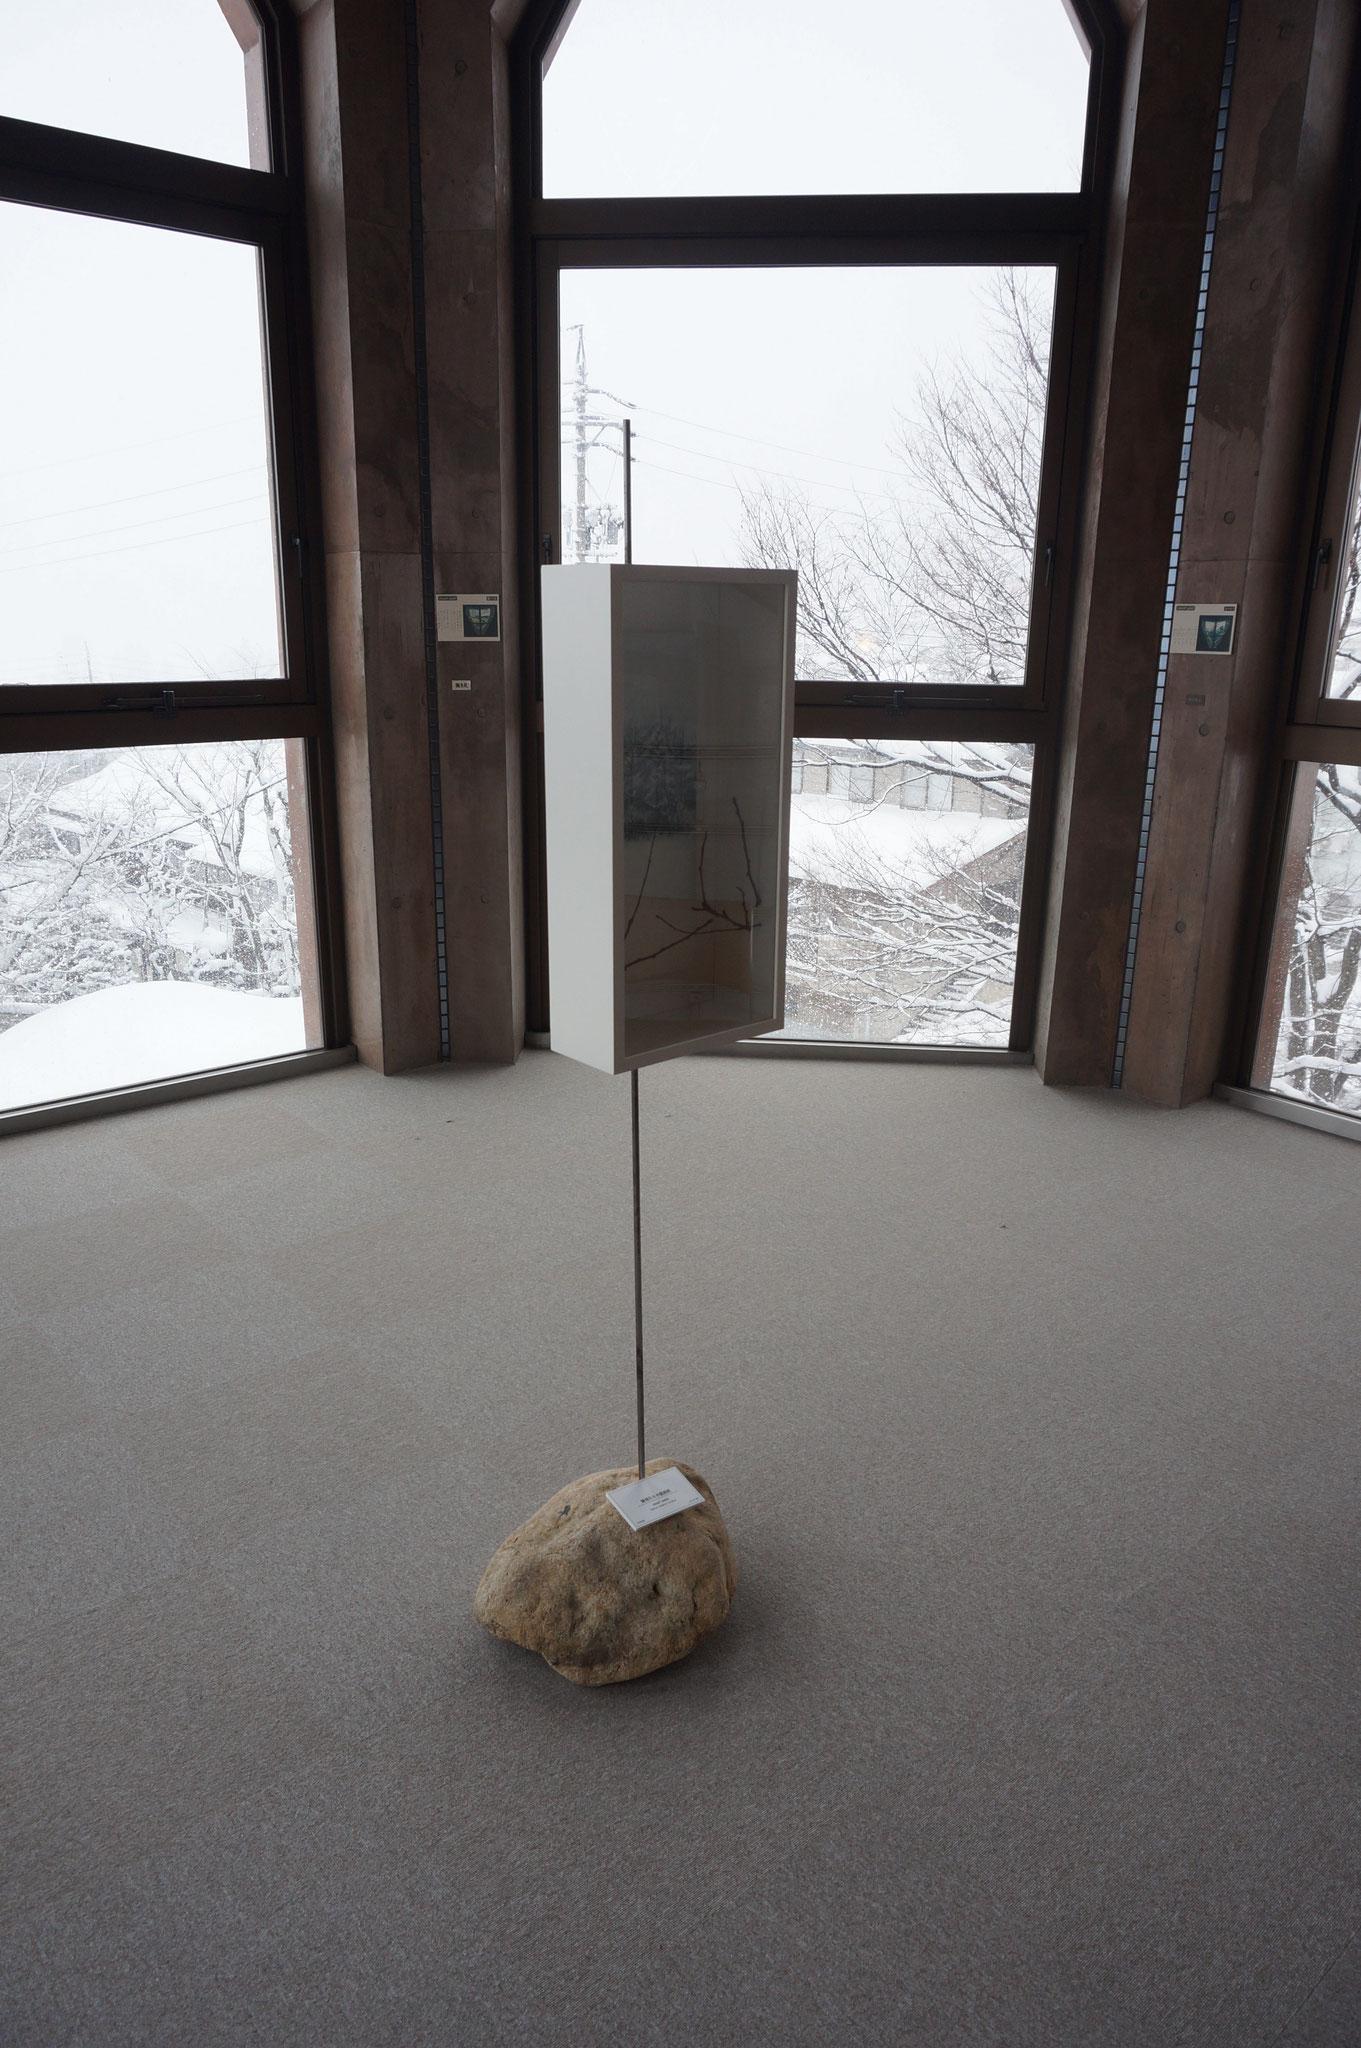 2020.01.21~03.29.「HANZANつながるプロジェクト『香山洋一作品展』 」@おぼろ月夜の館−斑山文庫−